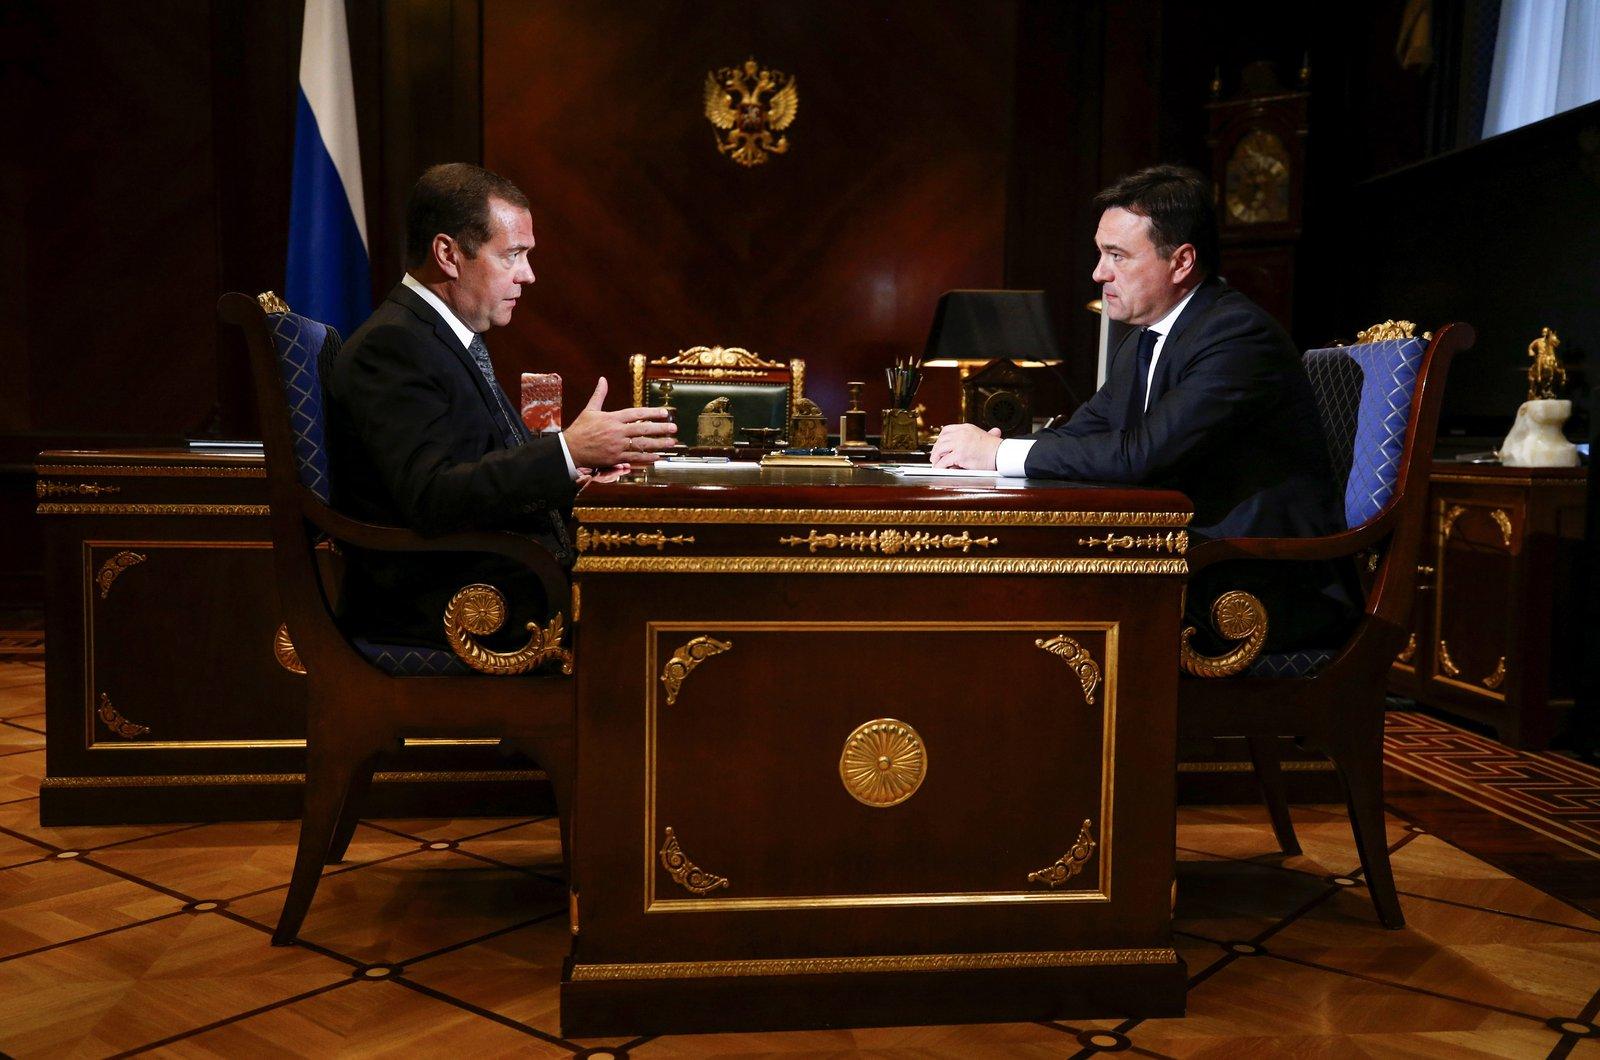 Андрей Воробьев губернатор московской области - Обучать и строить: что обсудили на встрече с Дмитрием Медведевым